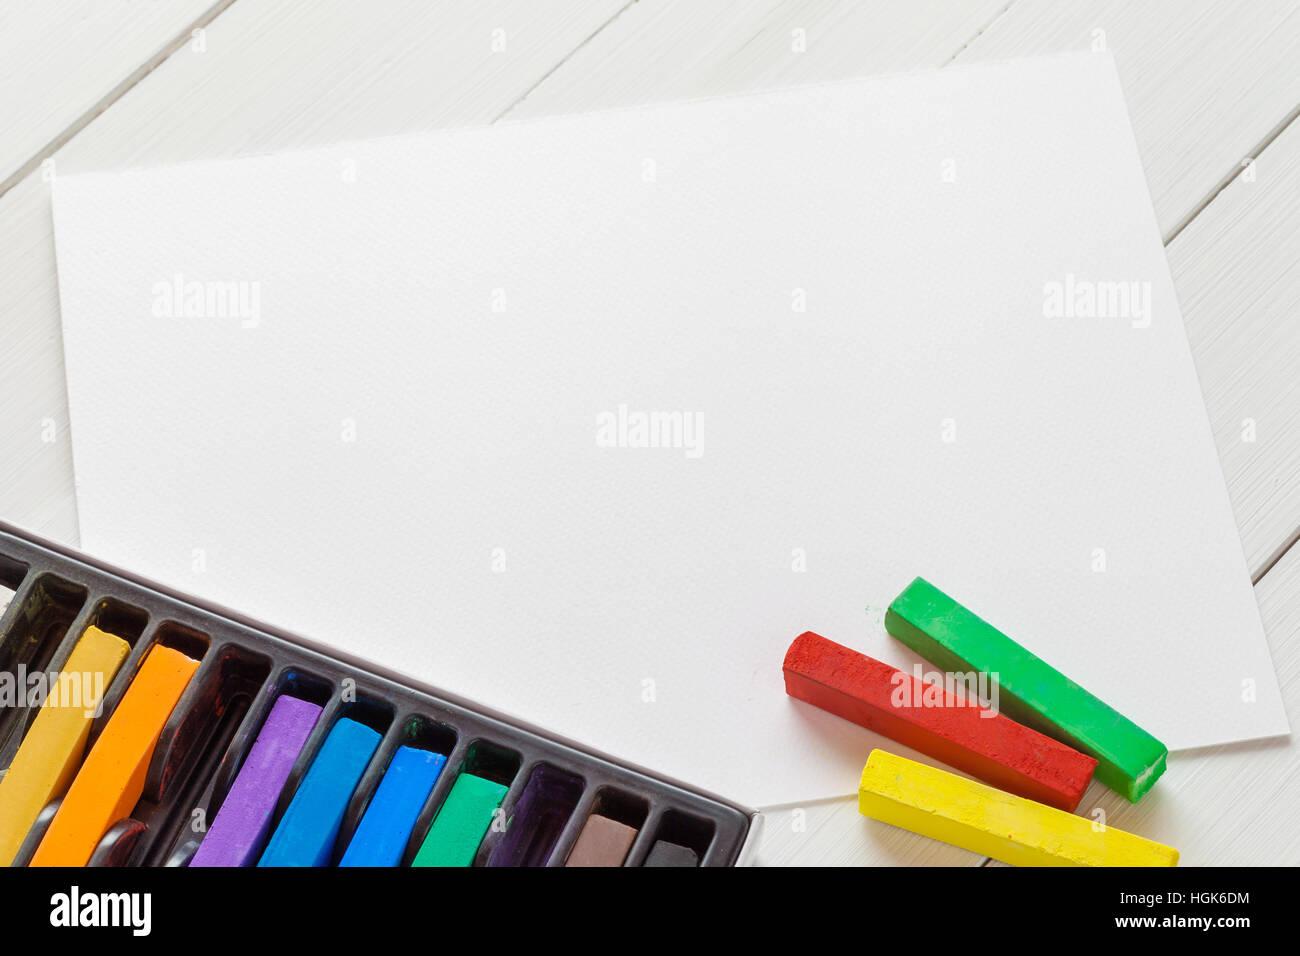 Craies pastel et aquarelle sur papier blanc feuille de tableau blanc sur sketchbook Banque D'Images